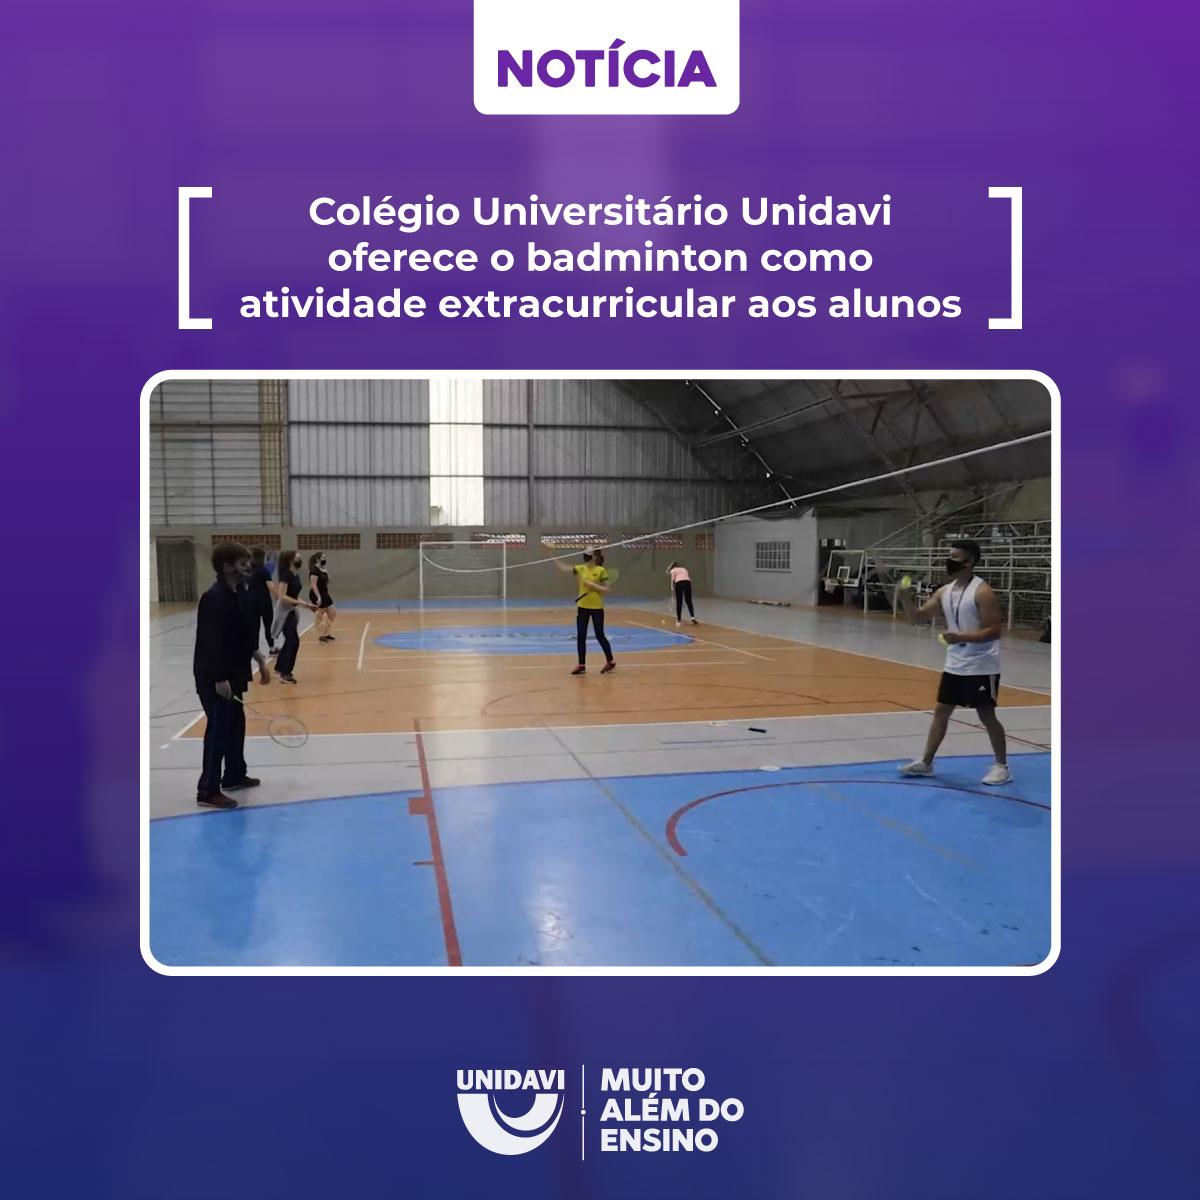 Colégio Universitário Unidavi oferece o badminton como atividade extracurricular aos alunos